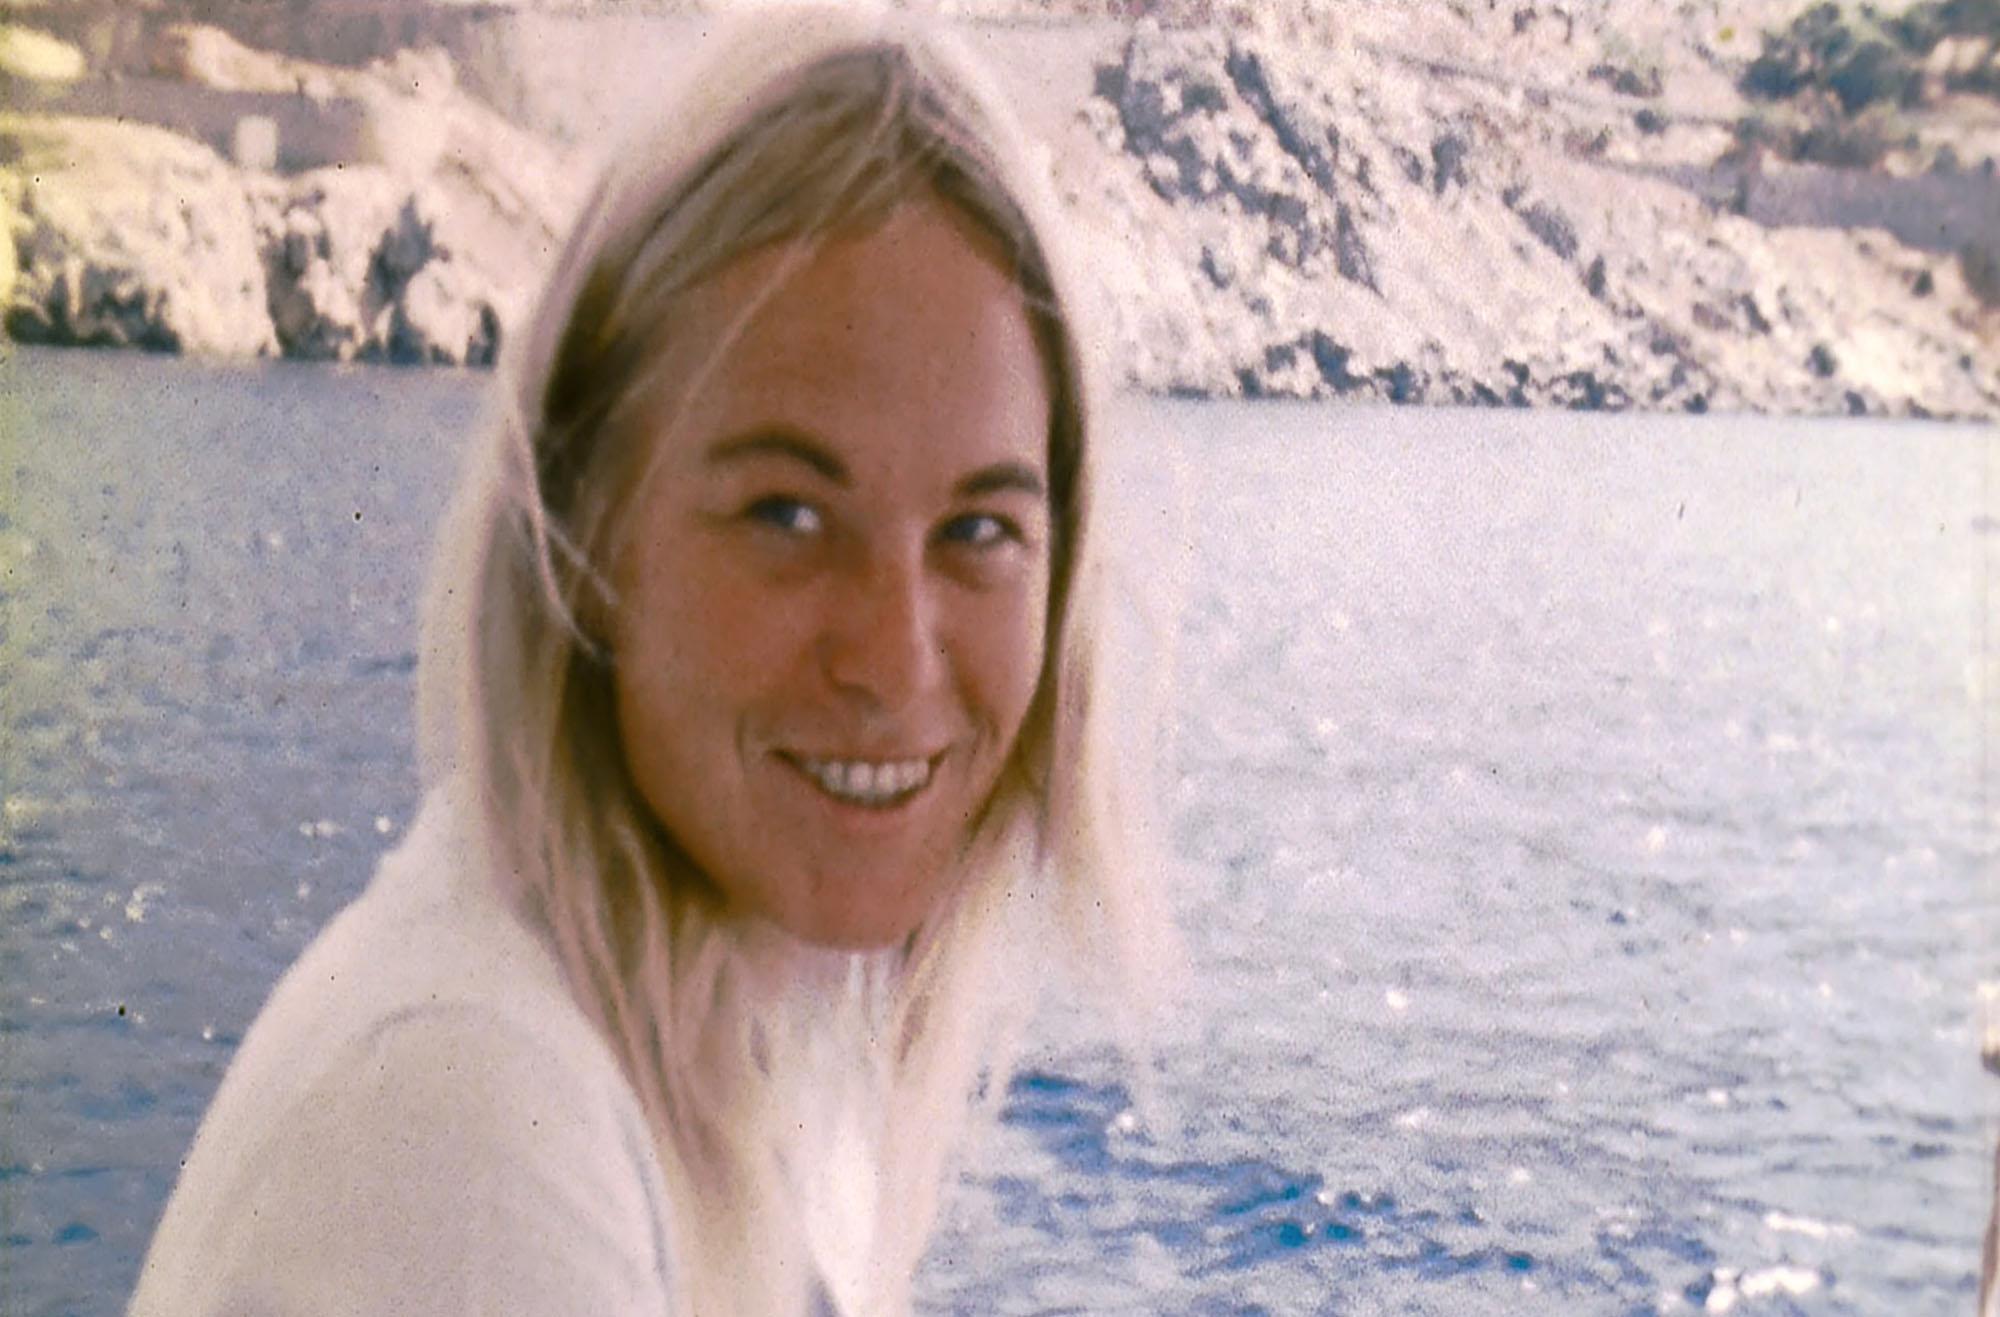 Marianne Ihlen Hydra Words of Love